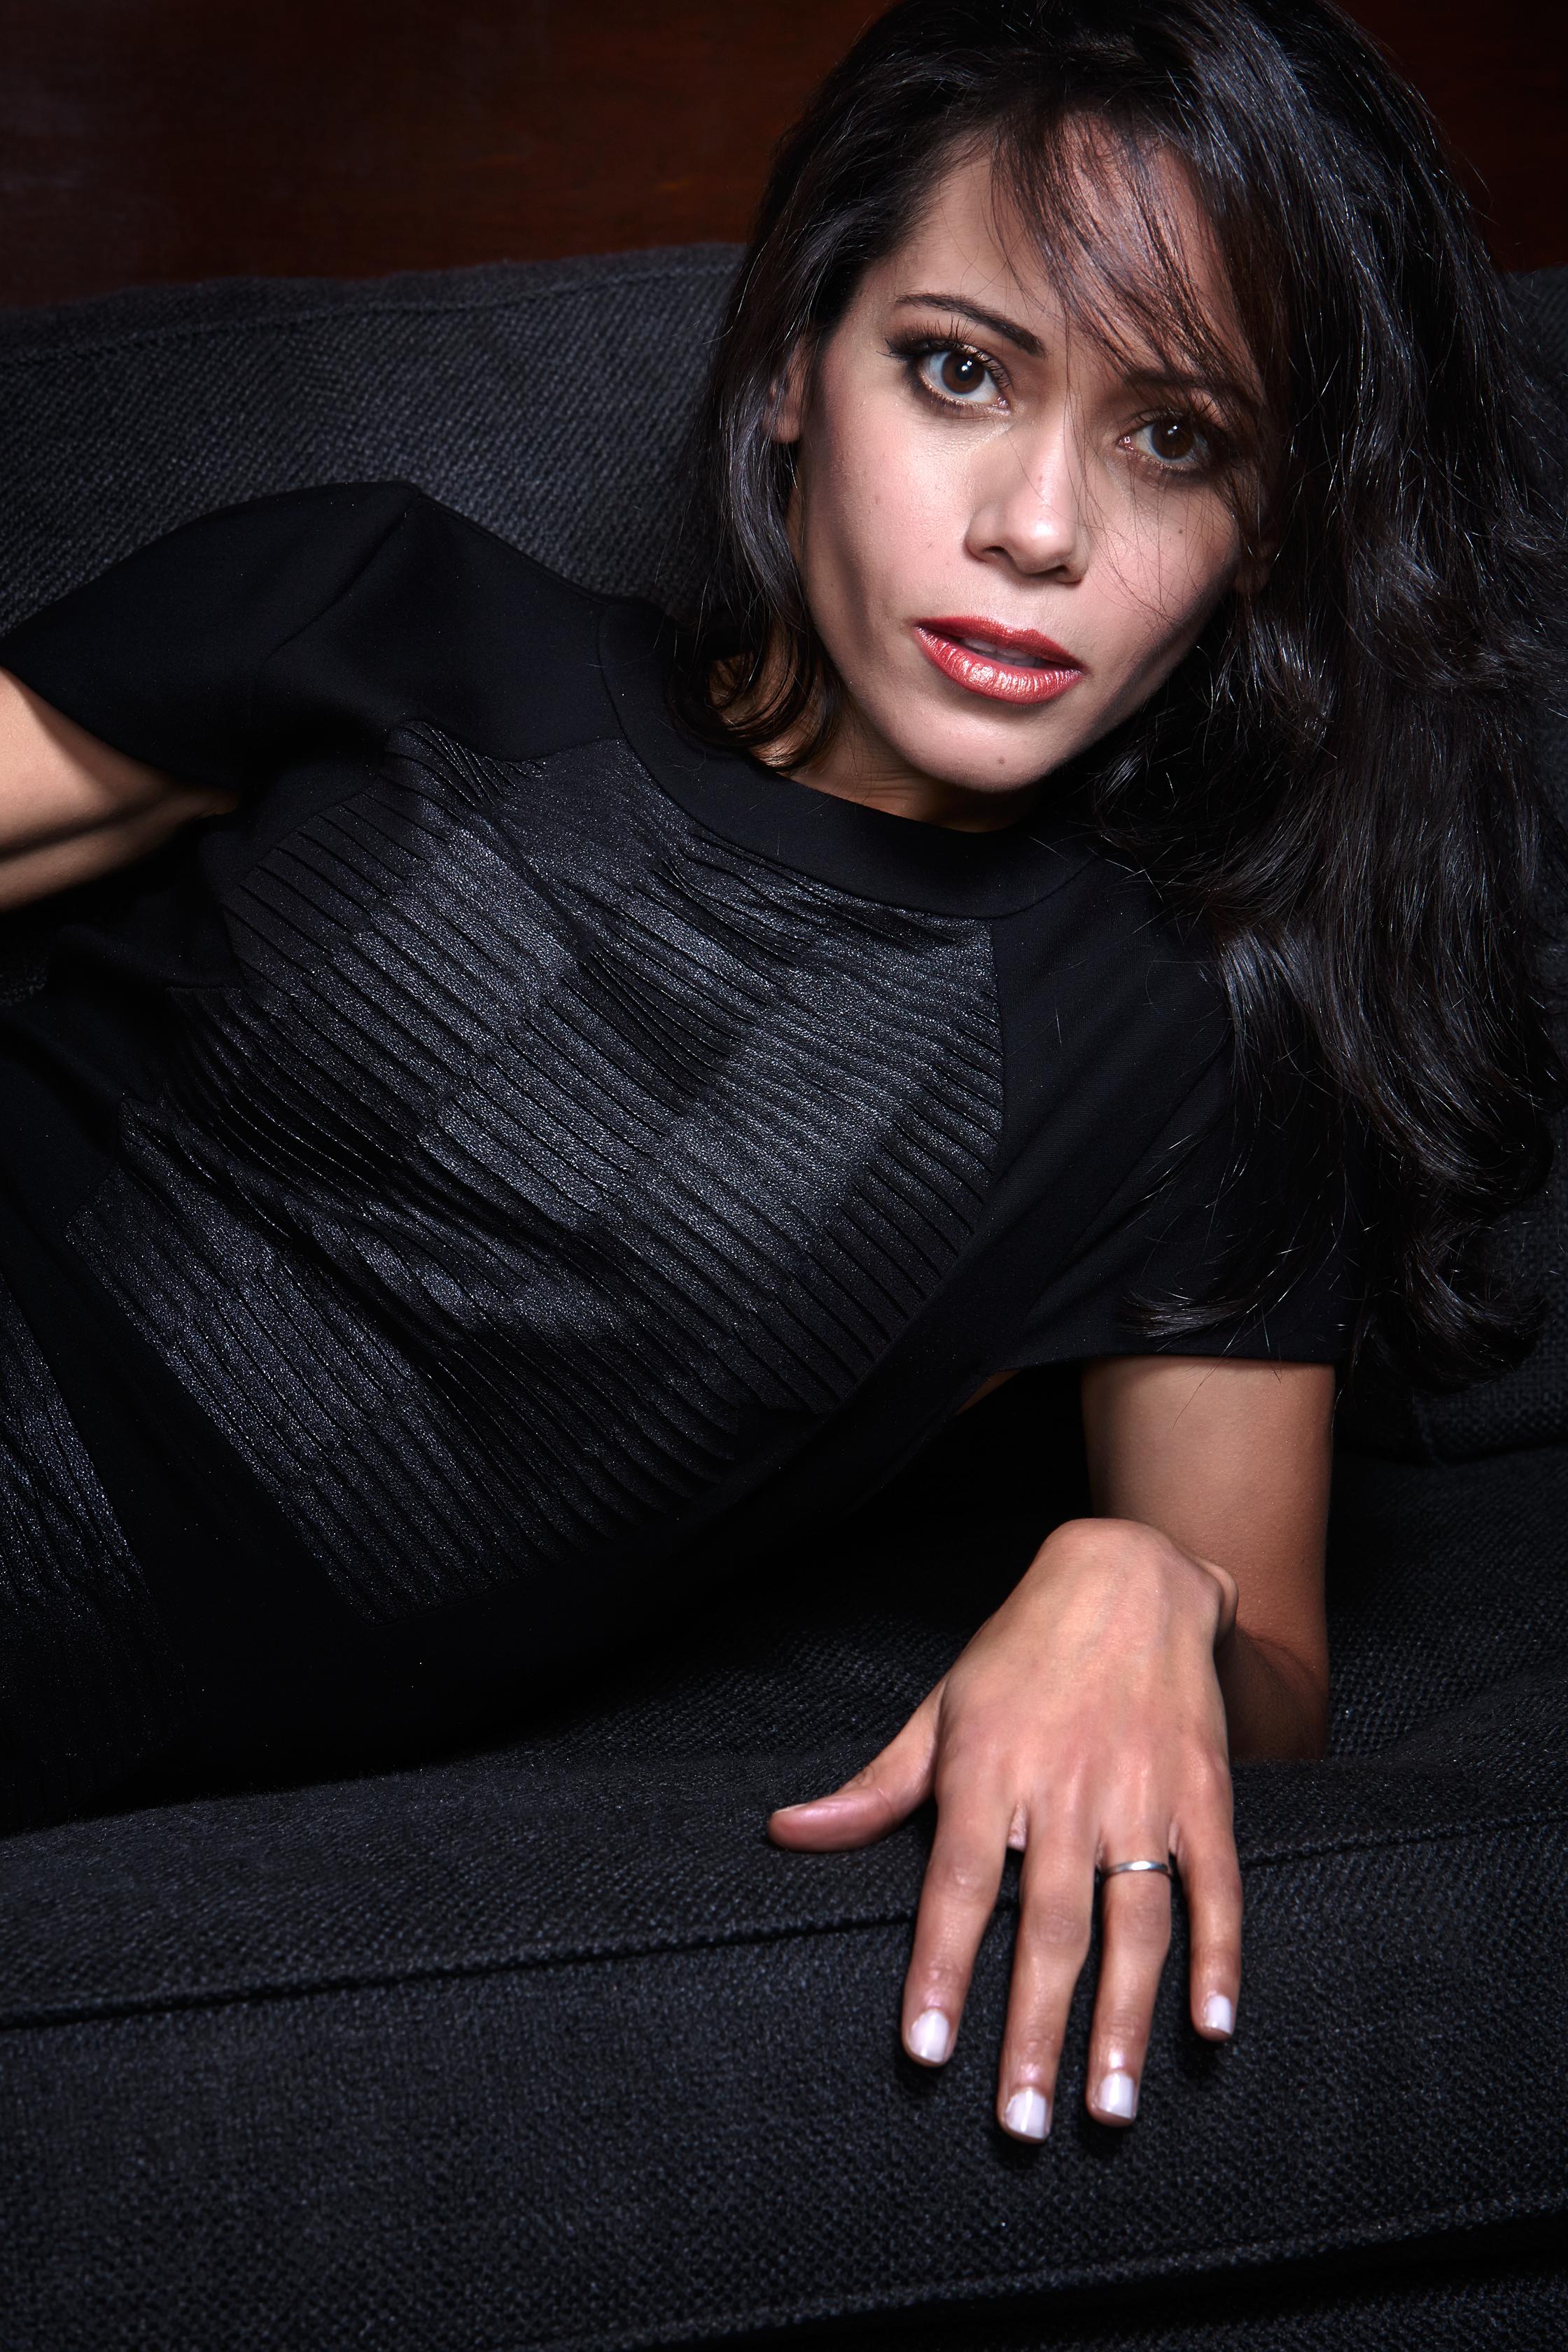 Victoria Cartagena nude photos 2019